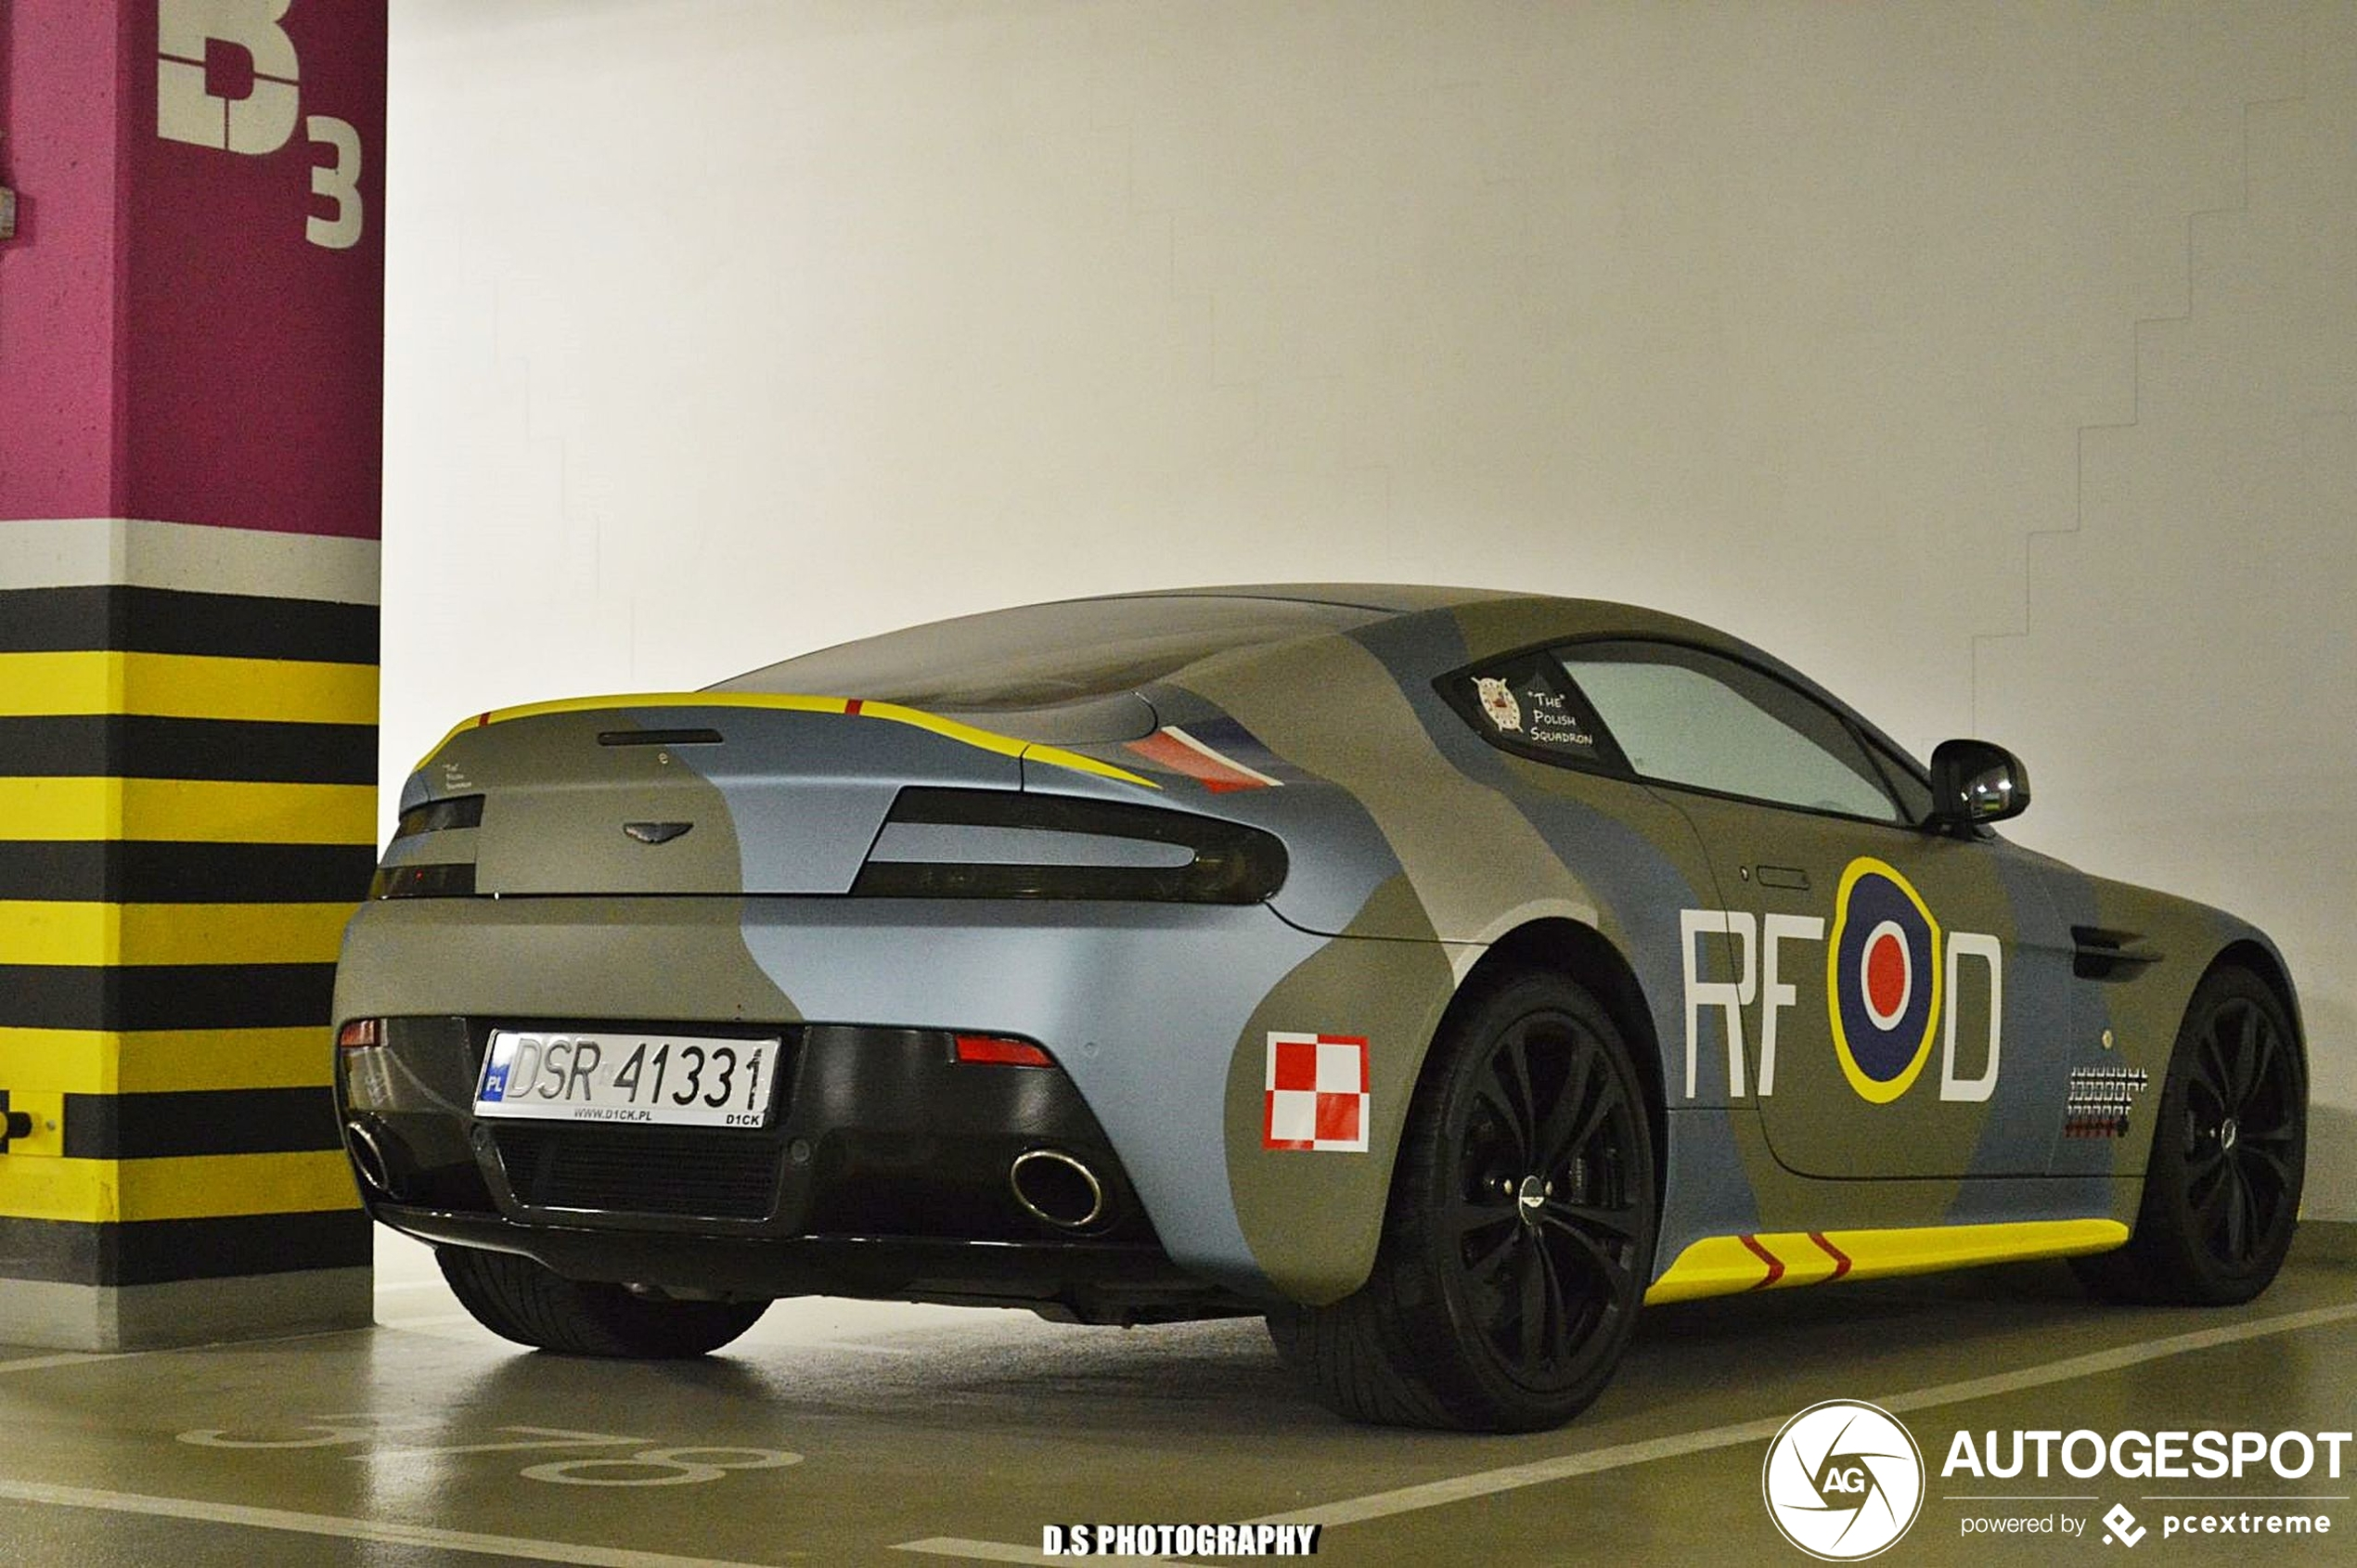 Aston Martin V12 Vantage Carbon Black Edition 9 December 2020 Autogespot